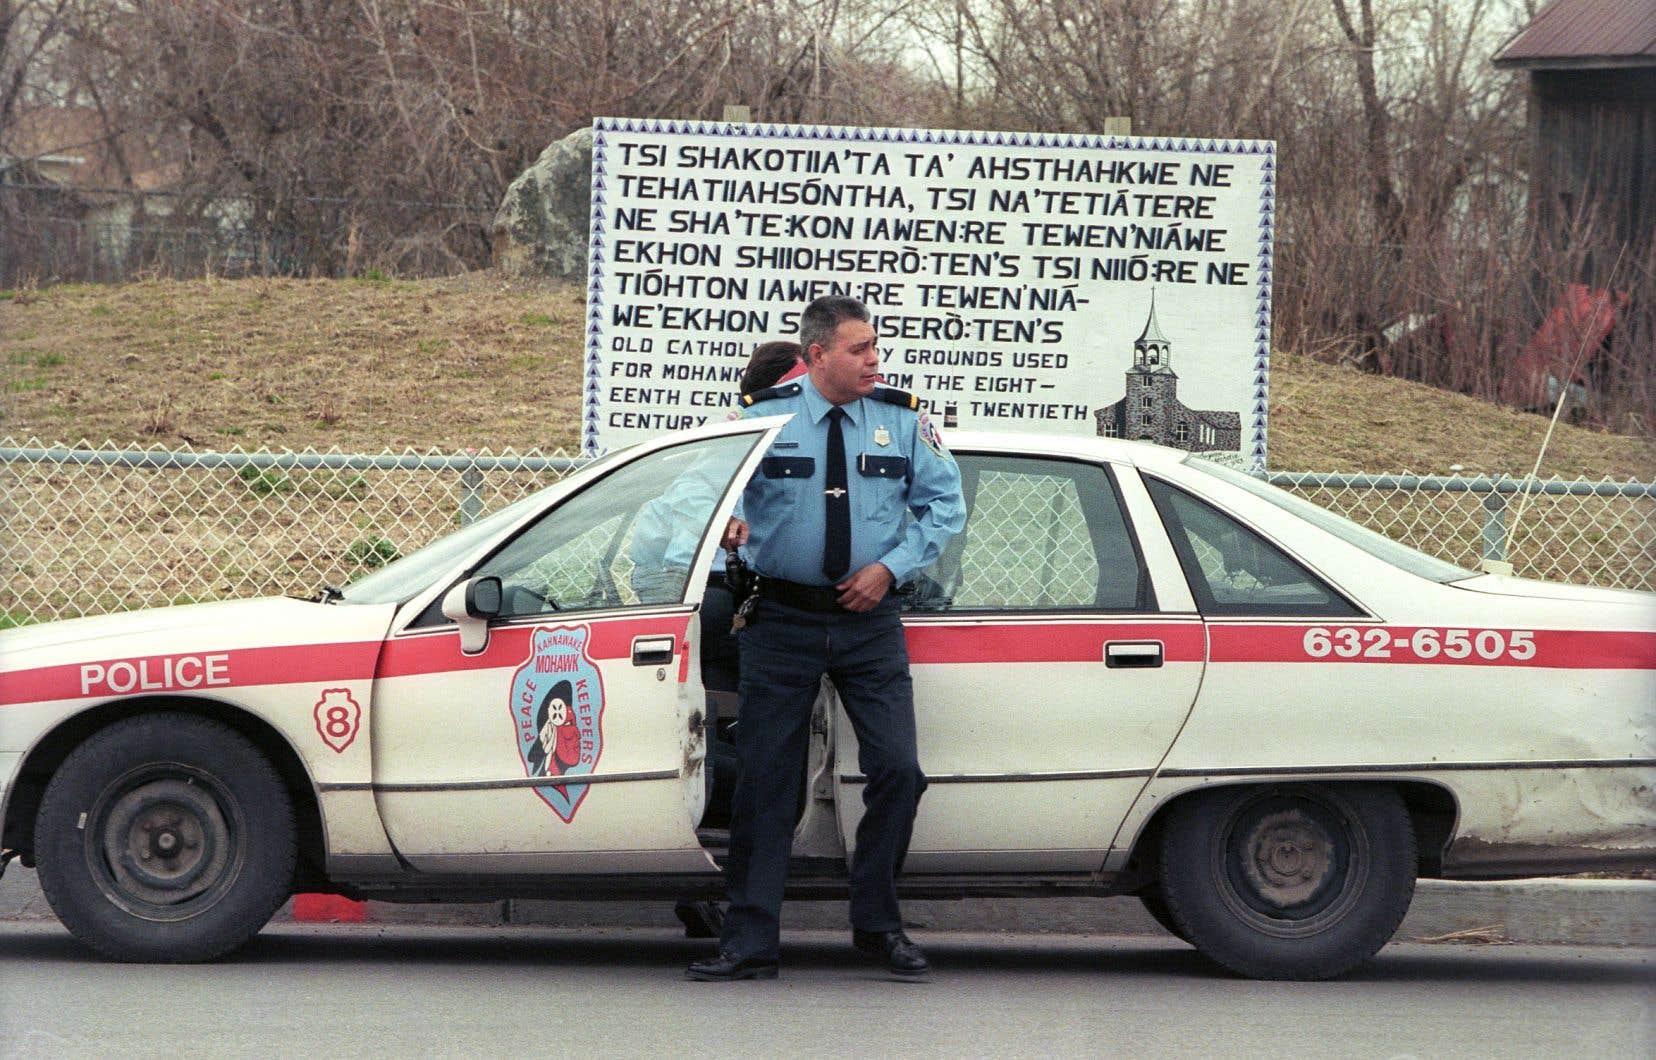 Au Québec, 44 des 55 communautés des Premières Nations et inuites sont desservies par 22 corps policiers autochtones. C'est notamment le cas du territoire mohawks de Kahnawake.